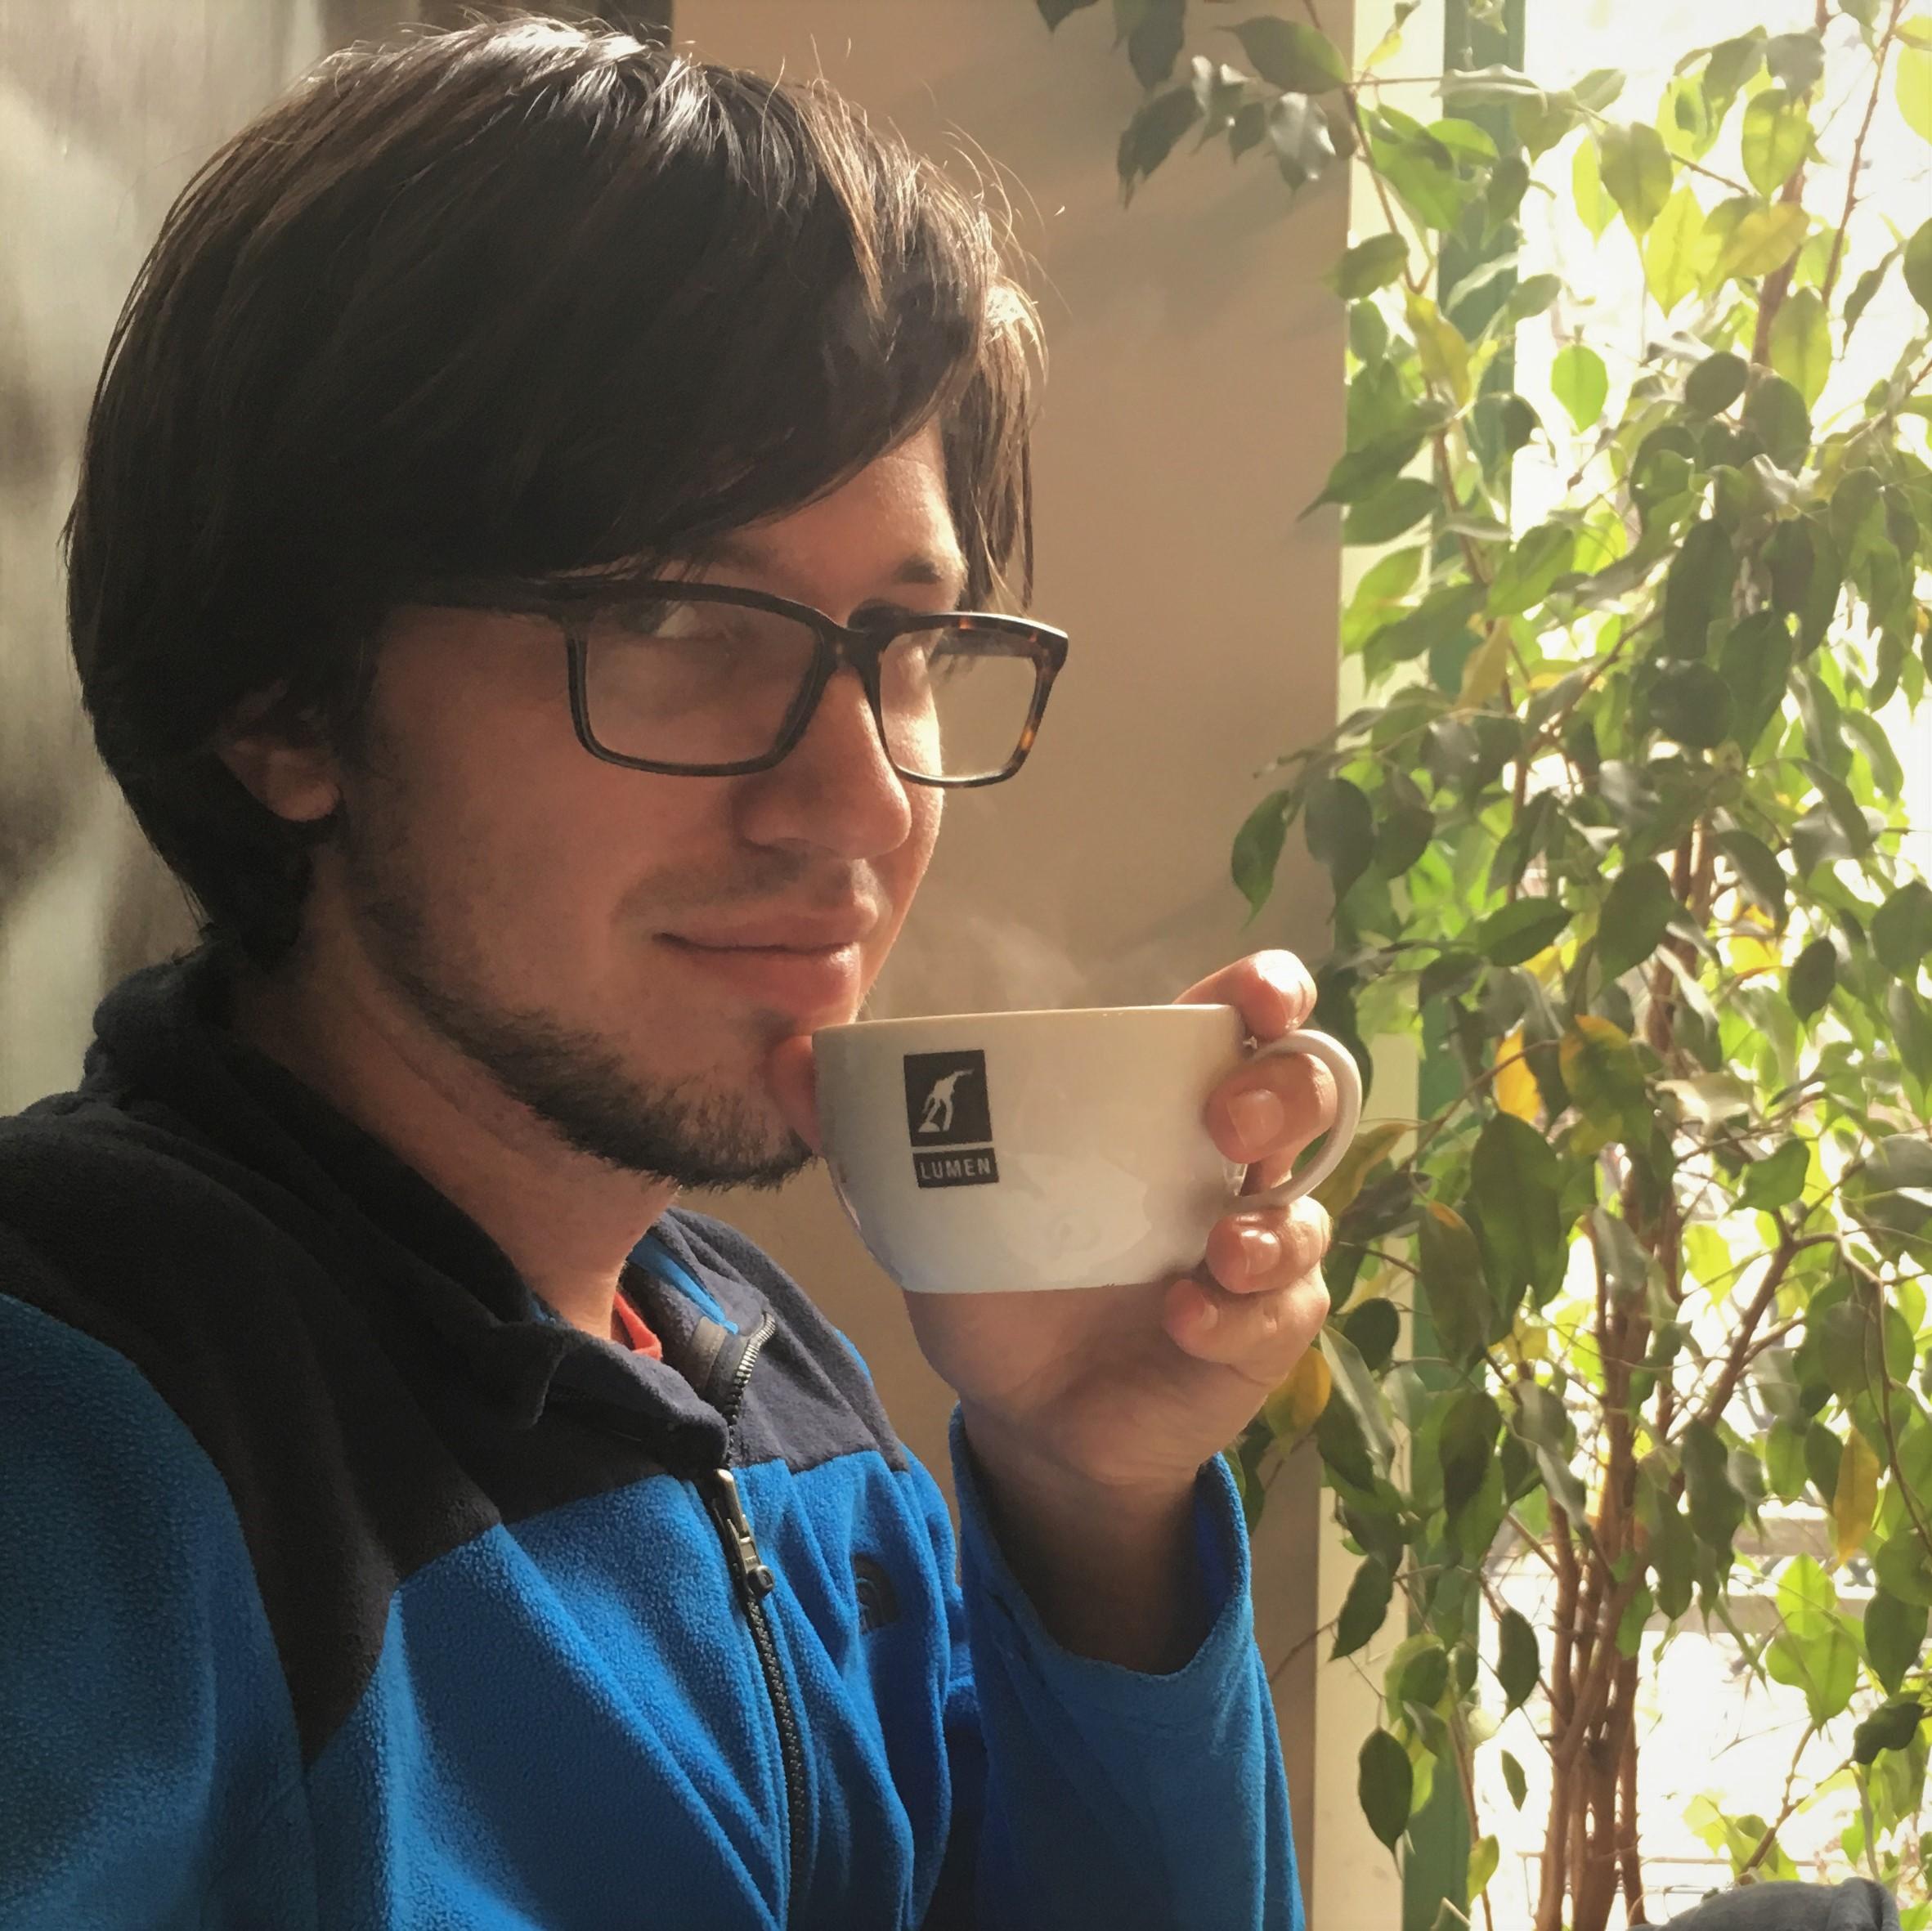 Leendert van Beelen drinking coffee